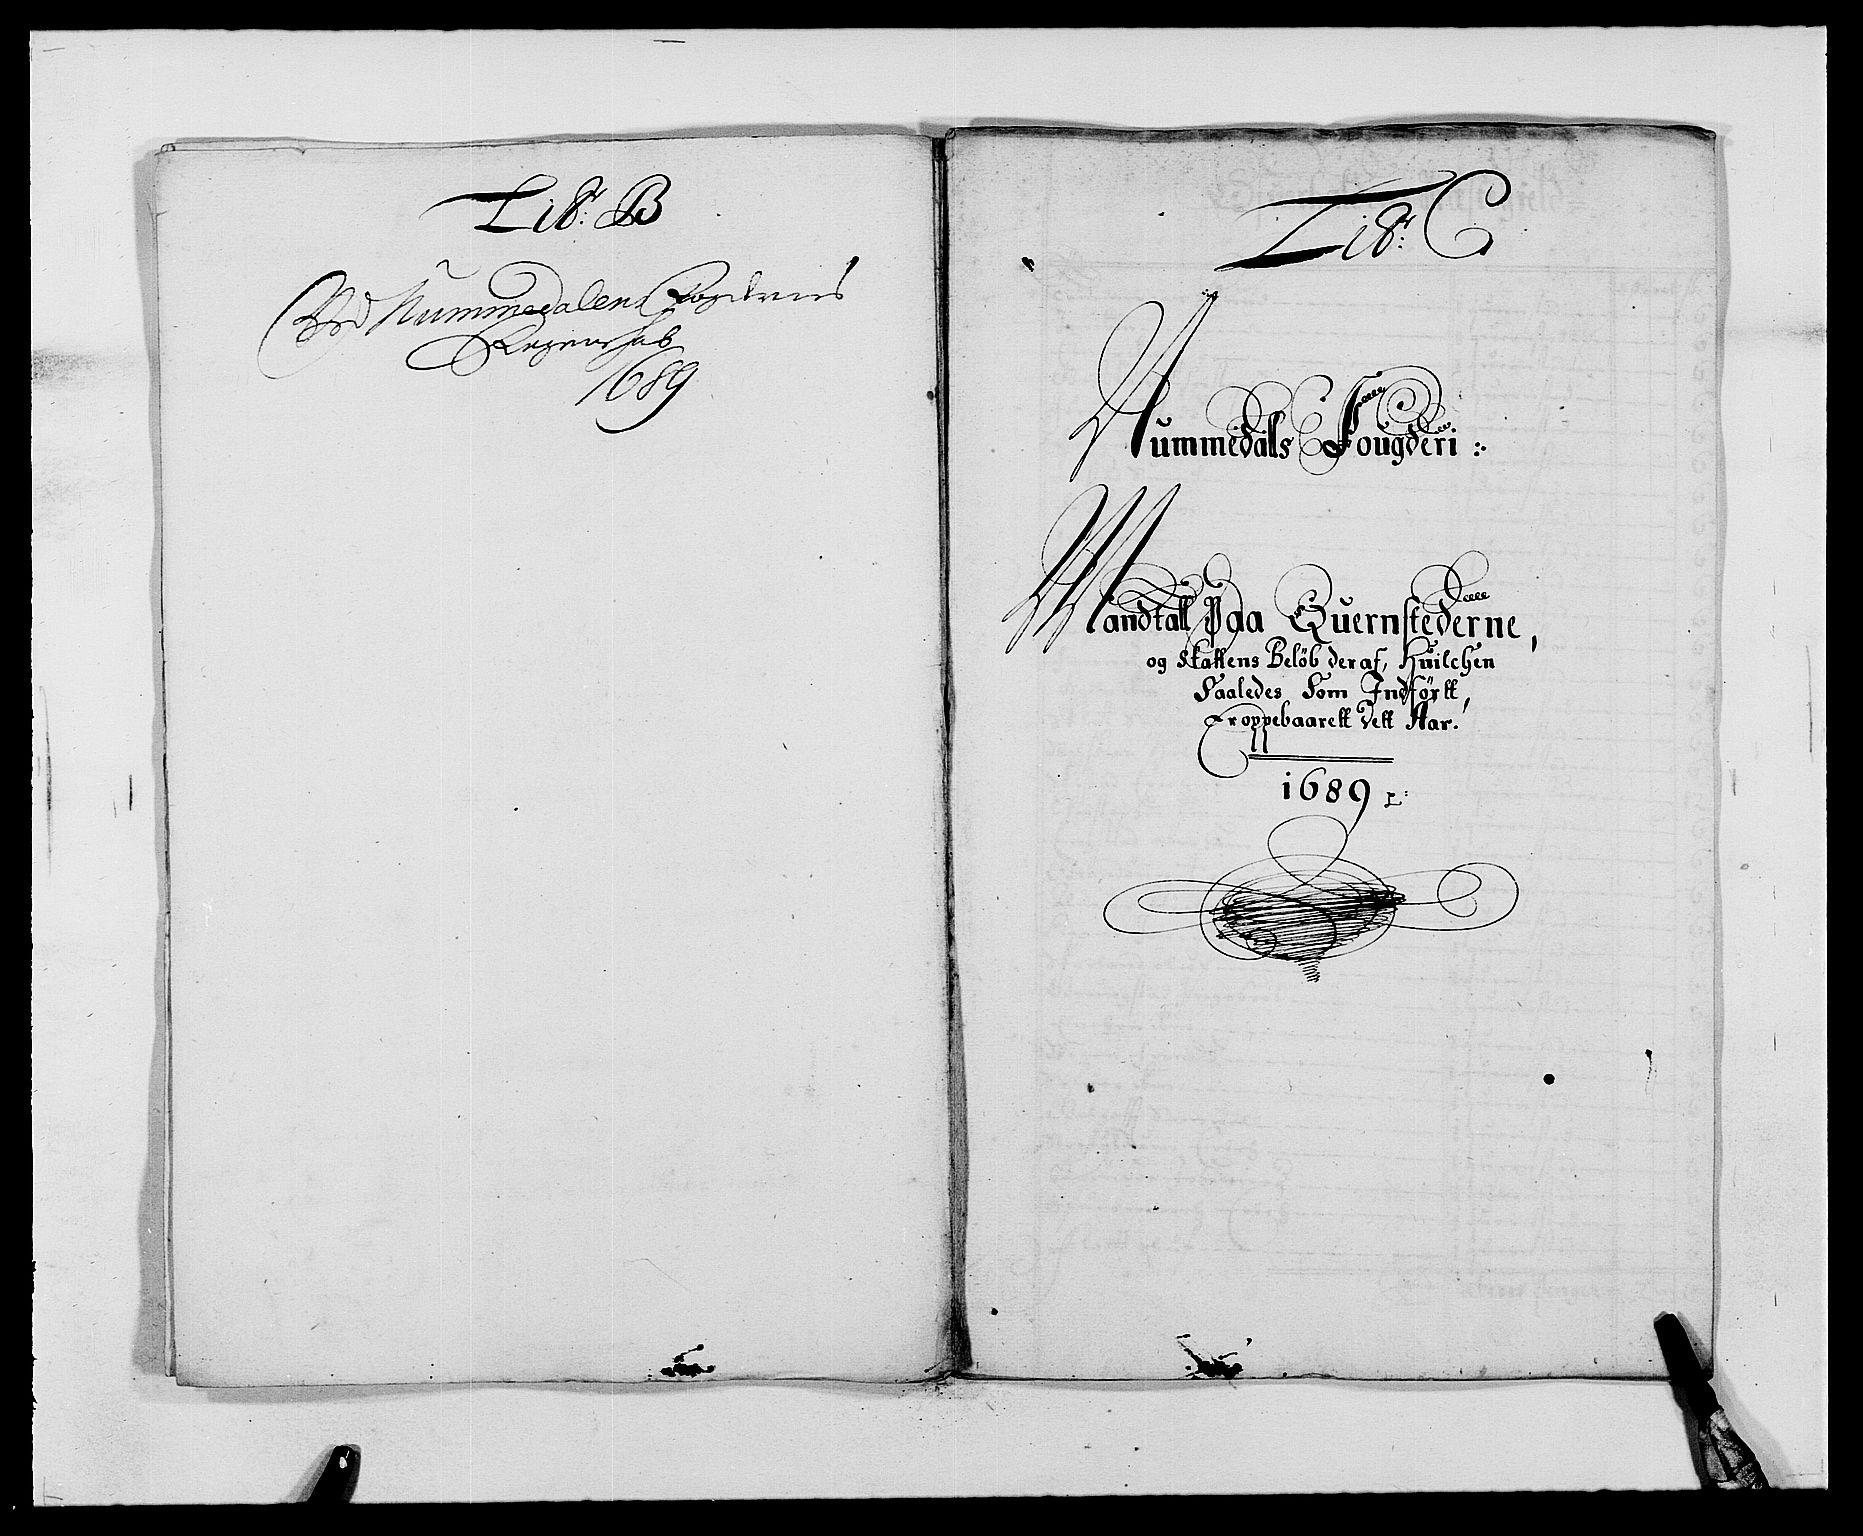 RA, Rentekammeret inntil 1814, Reviderte regnskaper, Fogderegnskap, R64/L4422: Fogderegnskap Namdal, 1687-1689, s. 209